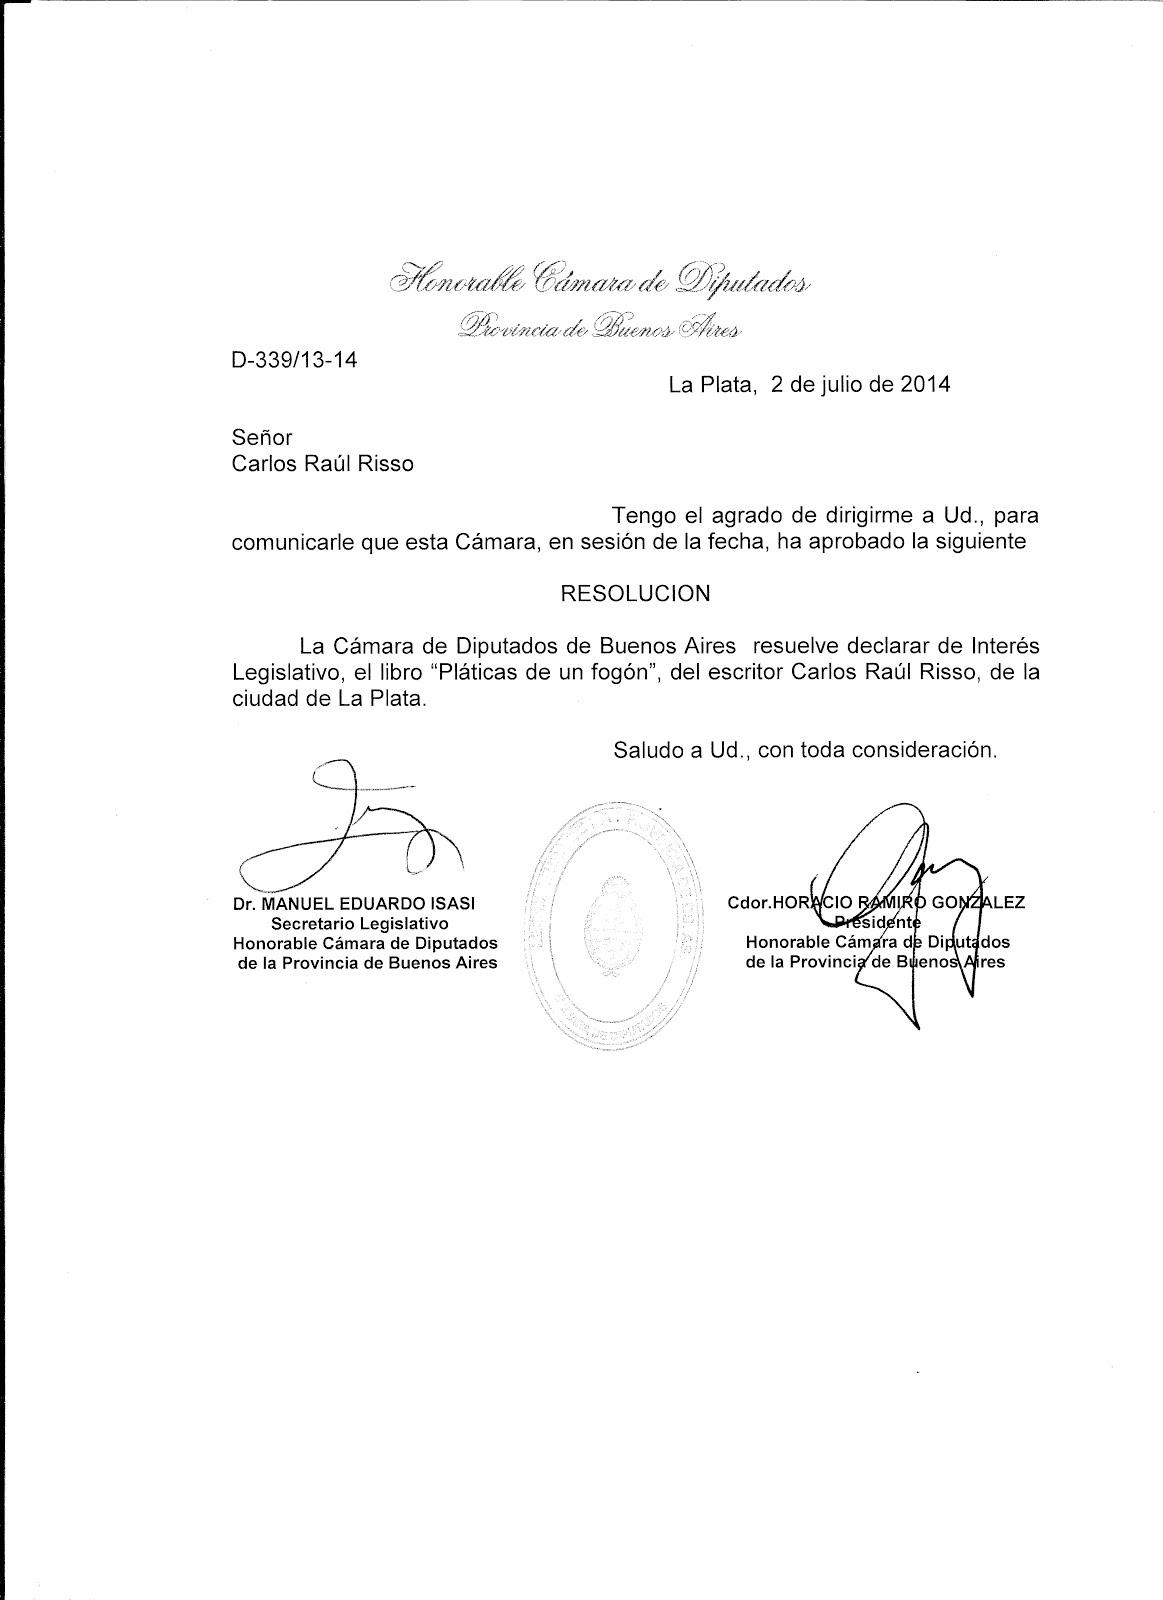 """Declaración de Interés Legislativo Provincial a: """"Pláticas de Fogón"""""""